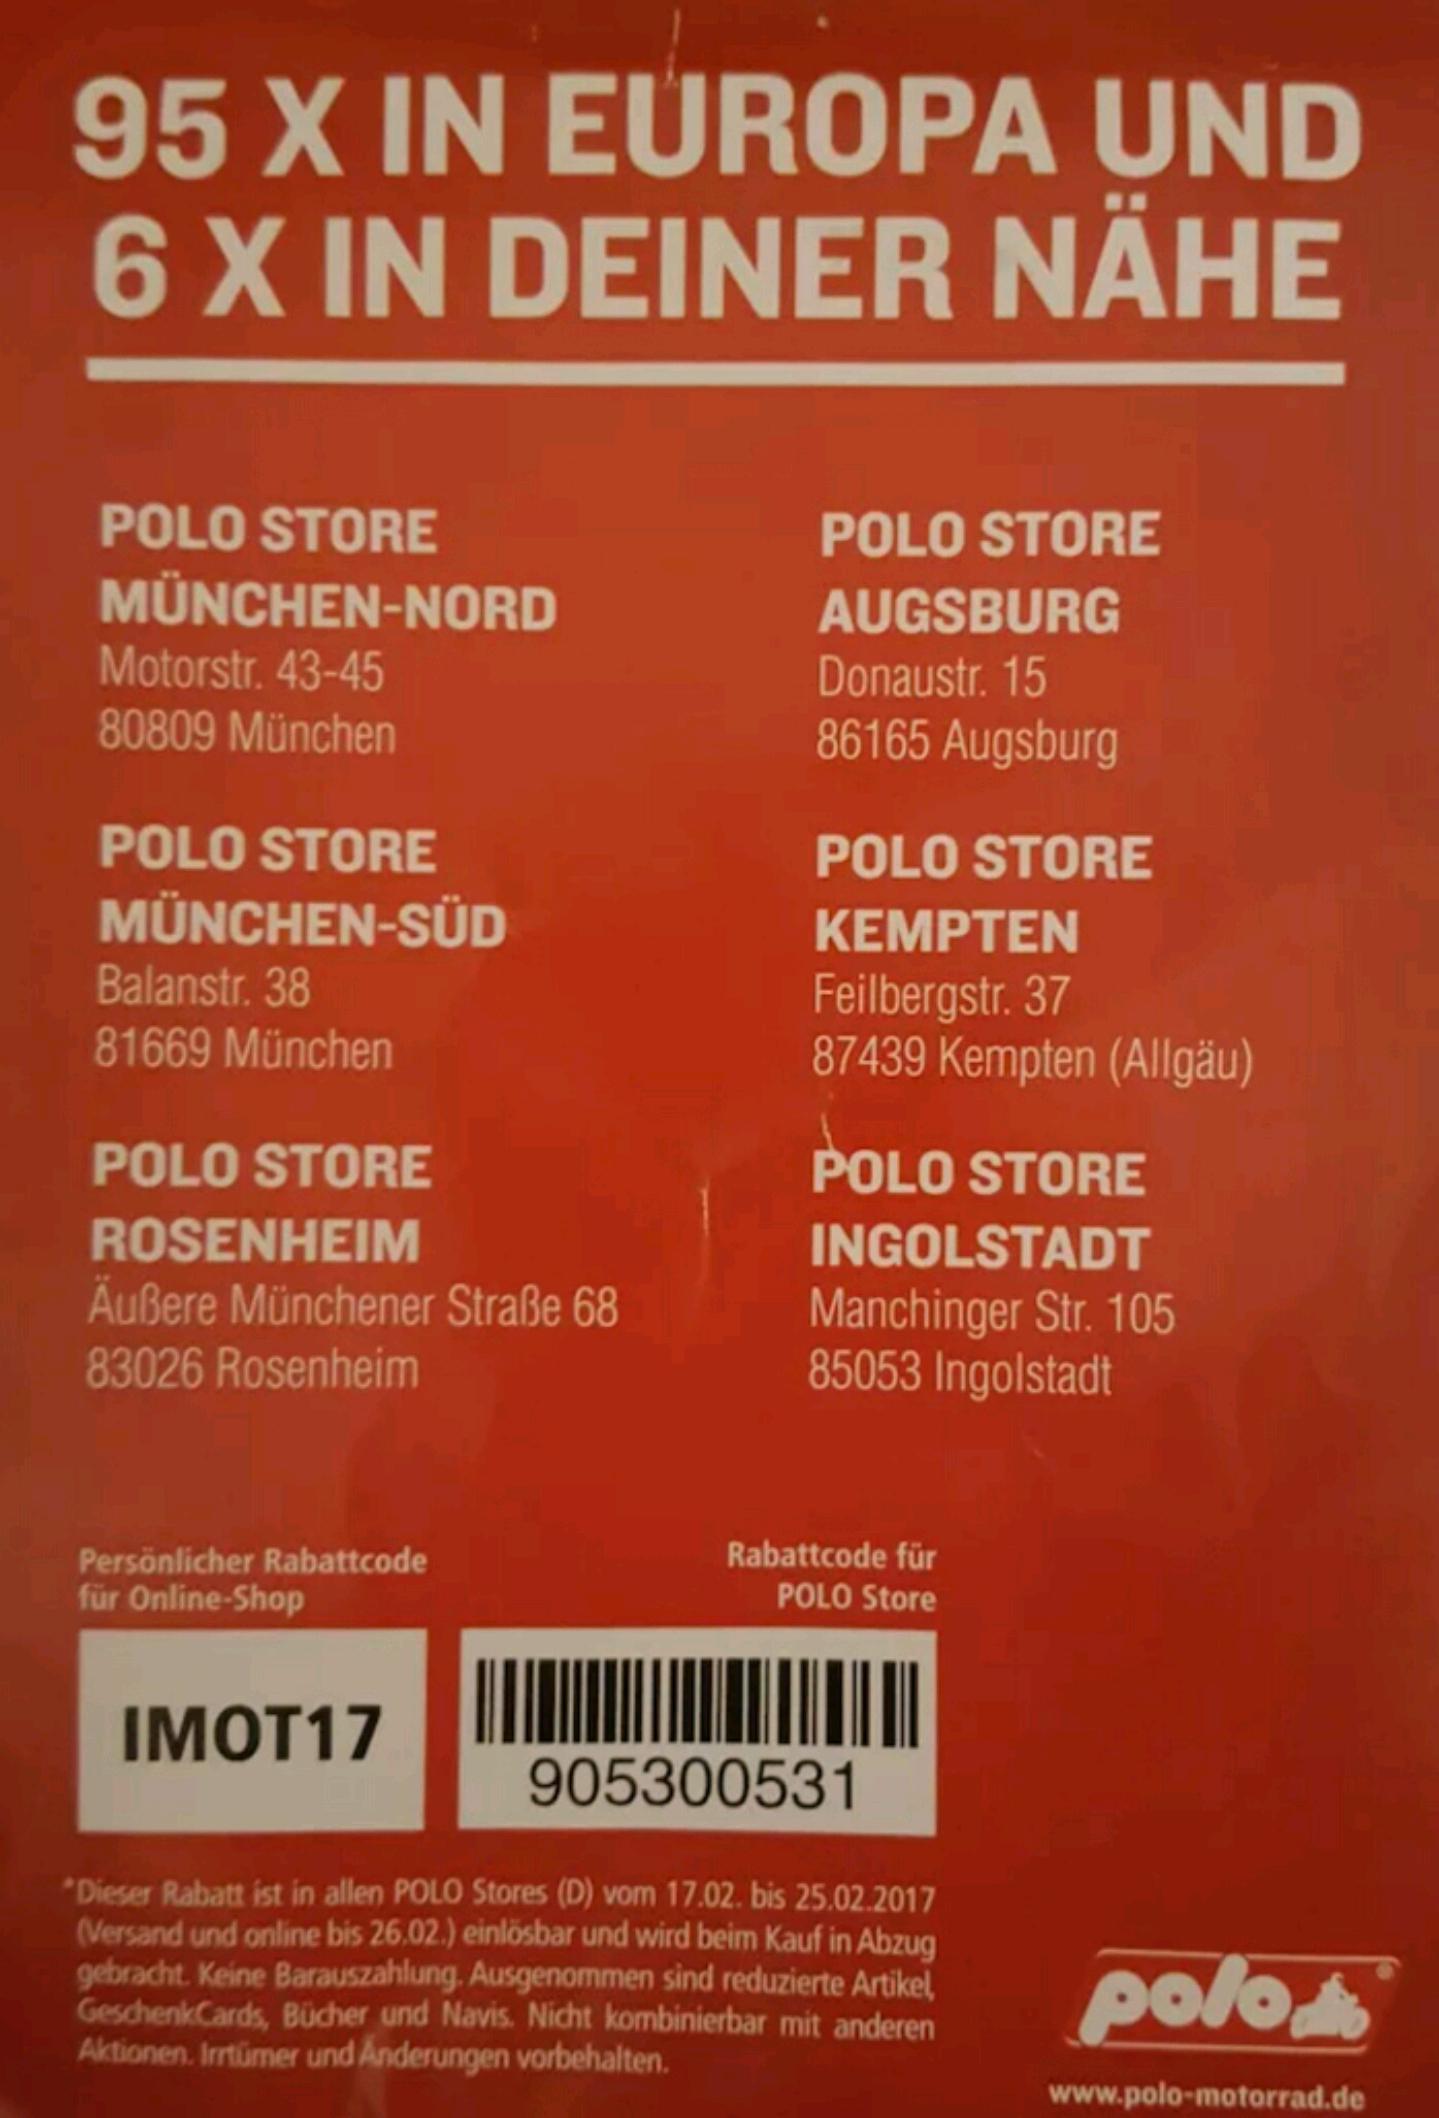 Polo Motorrad 20% auf fast alles  ohne MBW (keine Marken ausgeschlossen) Online und Offline